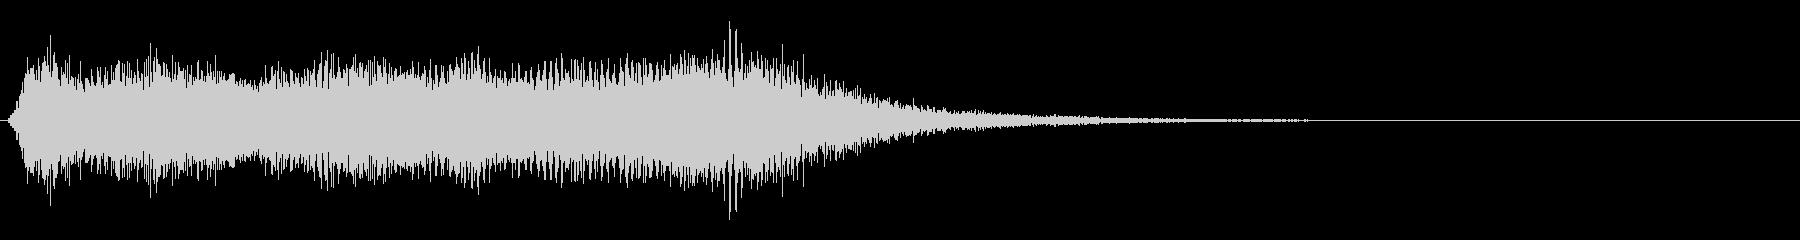 シンプルなファンファーレ:ジャジャーン!の未再生の波形